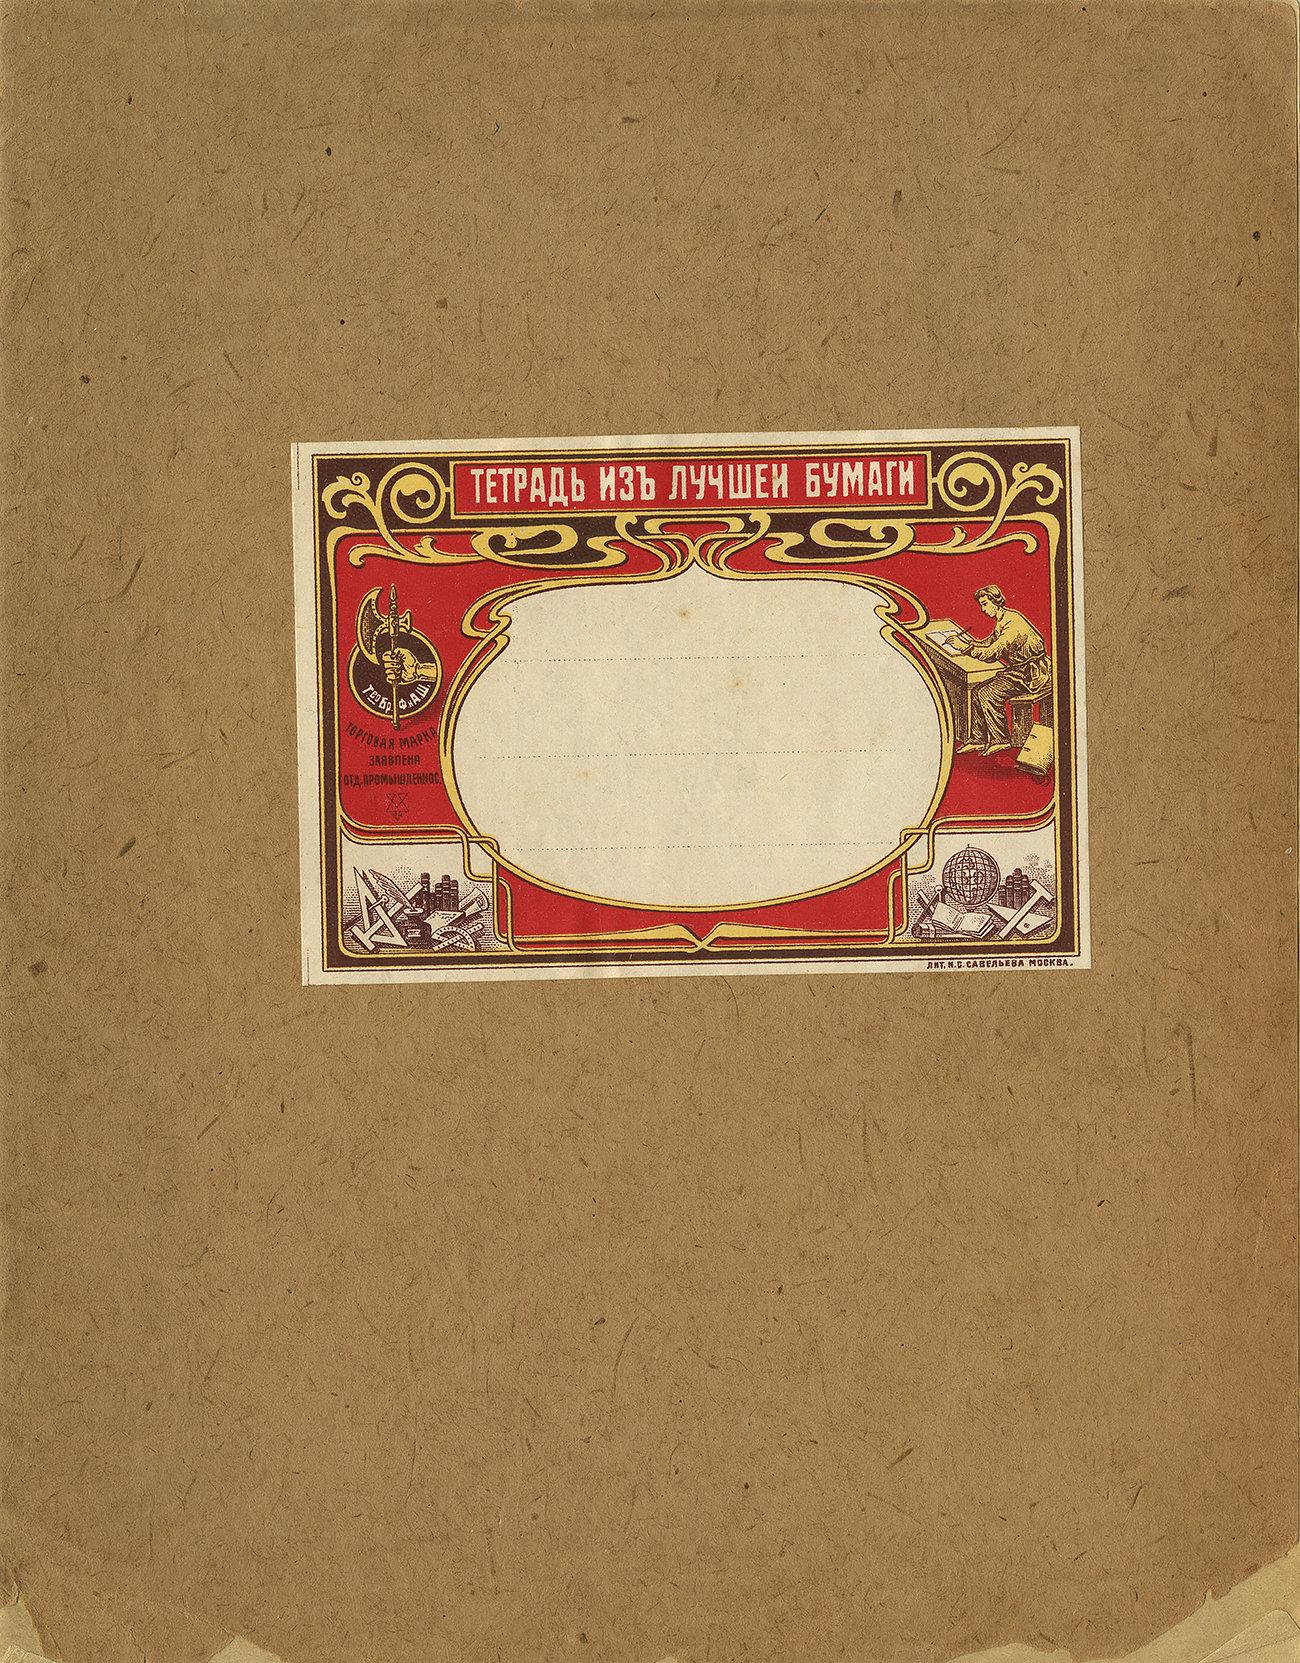 Тетрадь из лучшей бумаги, 175х222